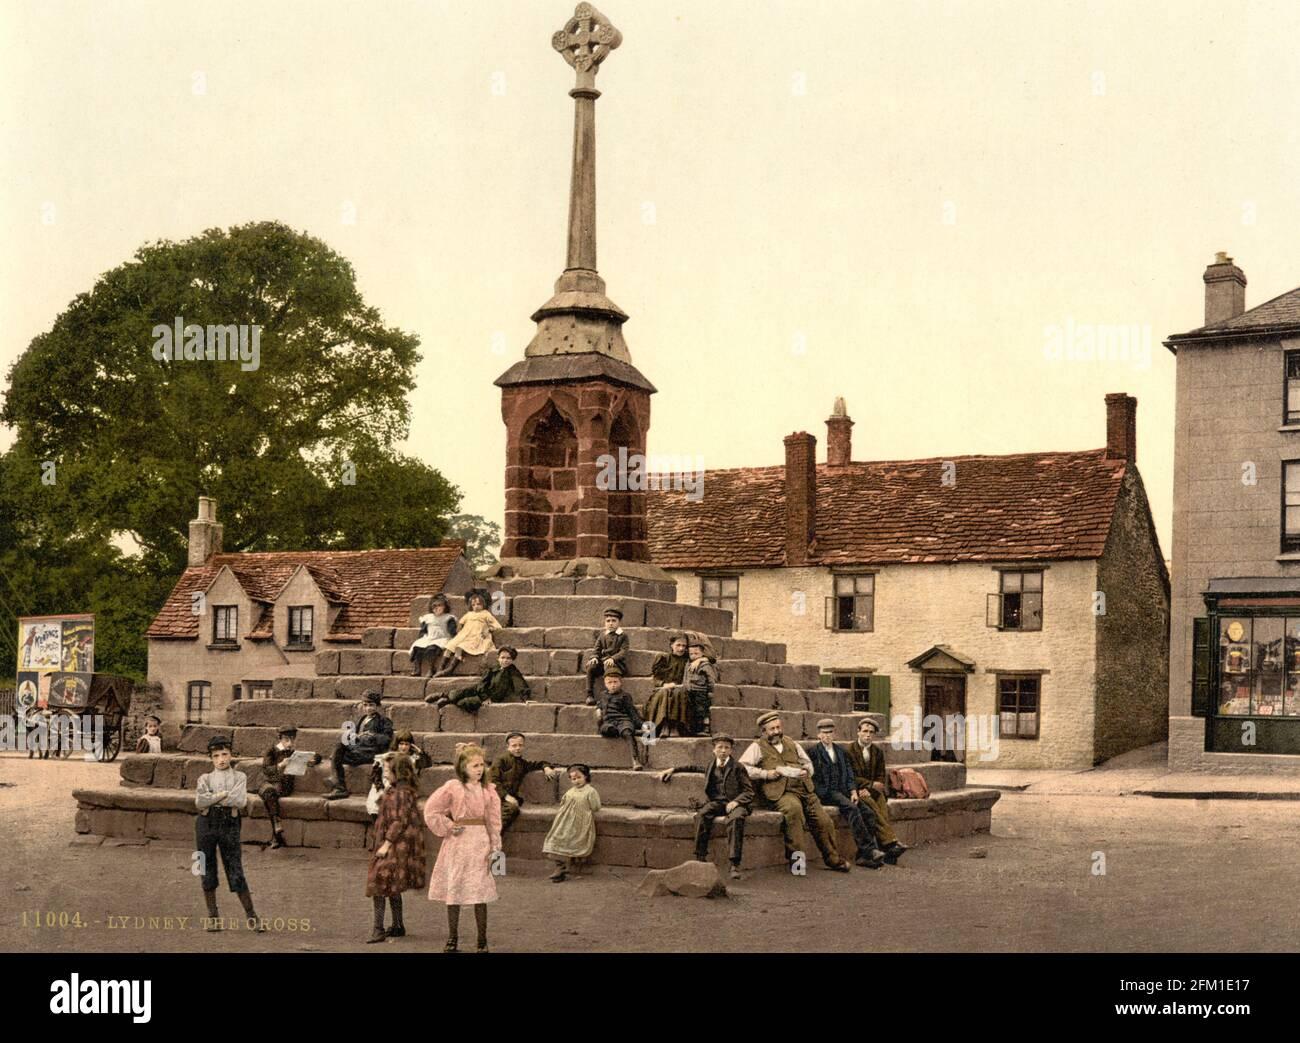 Le village traverse à Lydney dans Gloucestershire vers 1890-1900 Banque D'Images